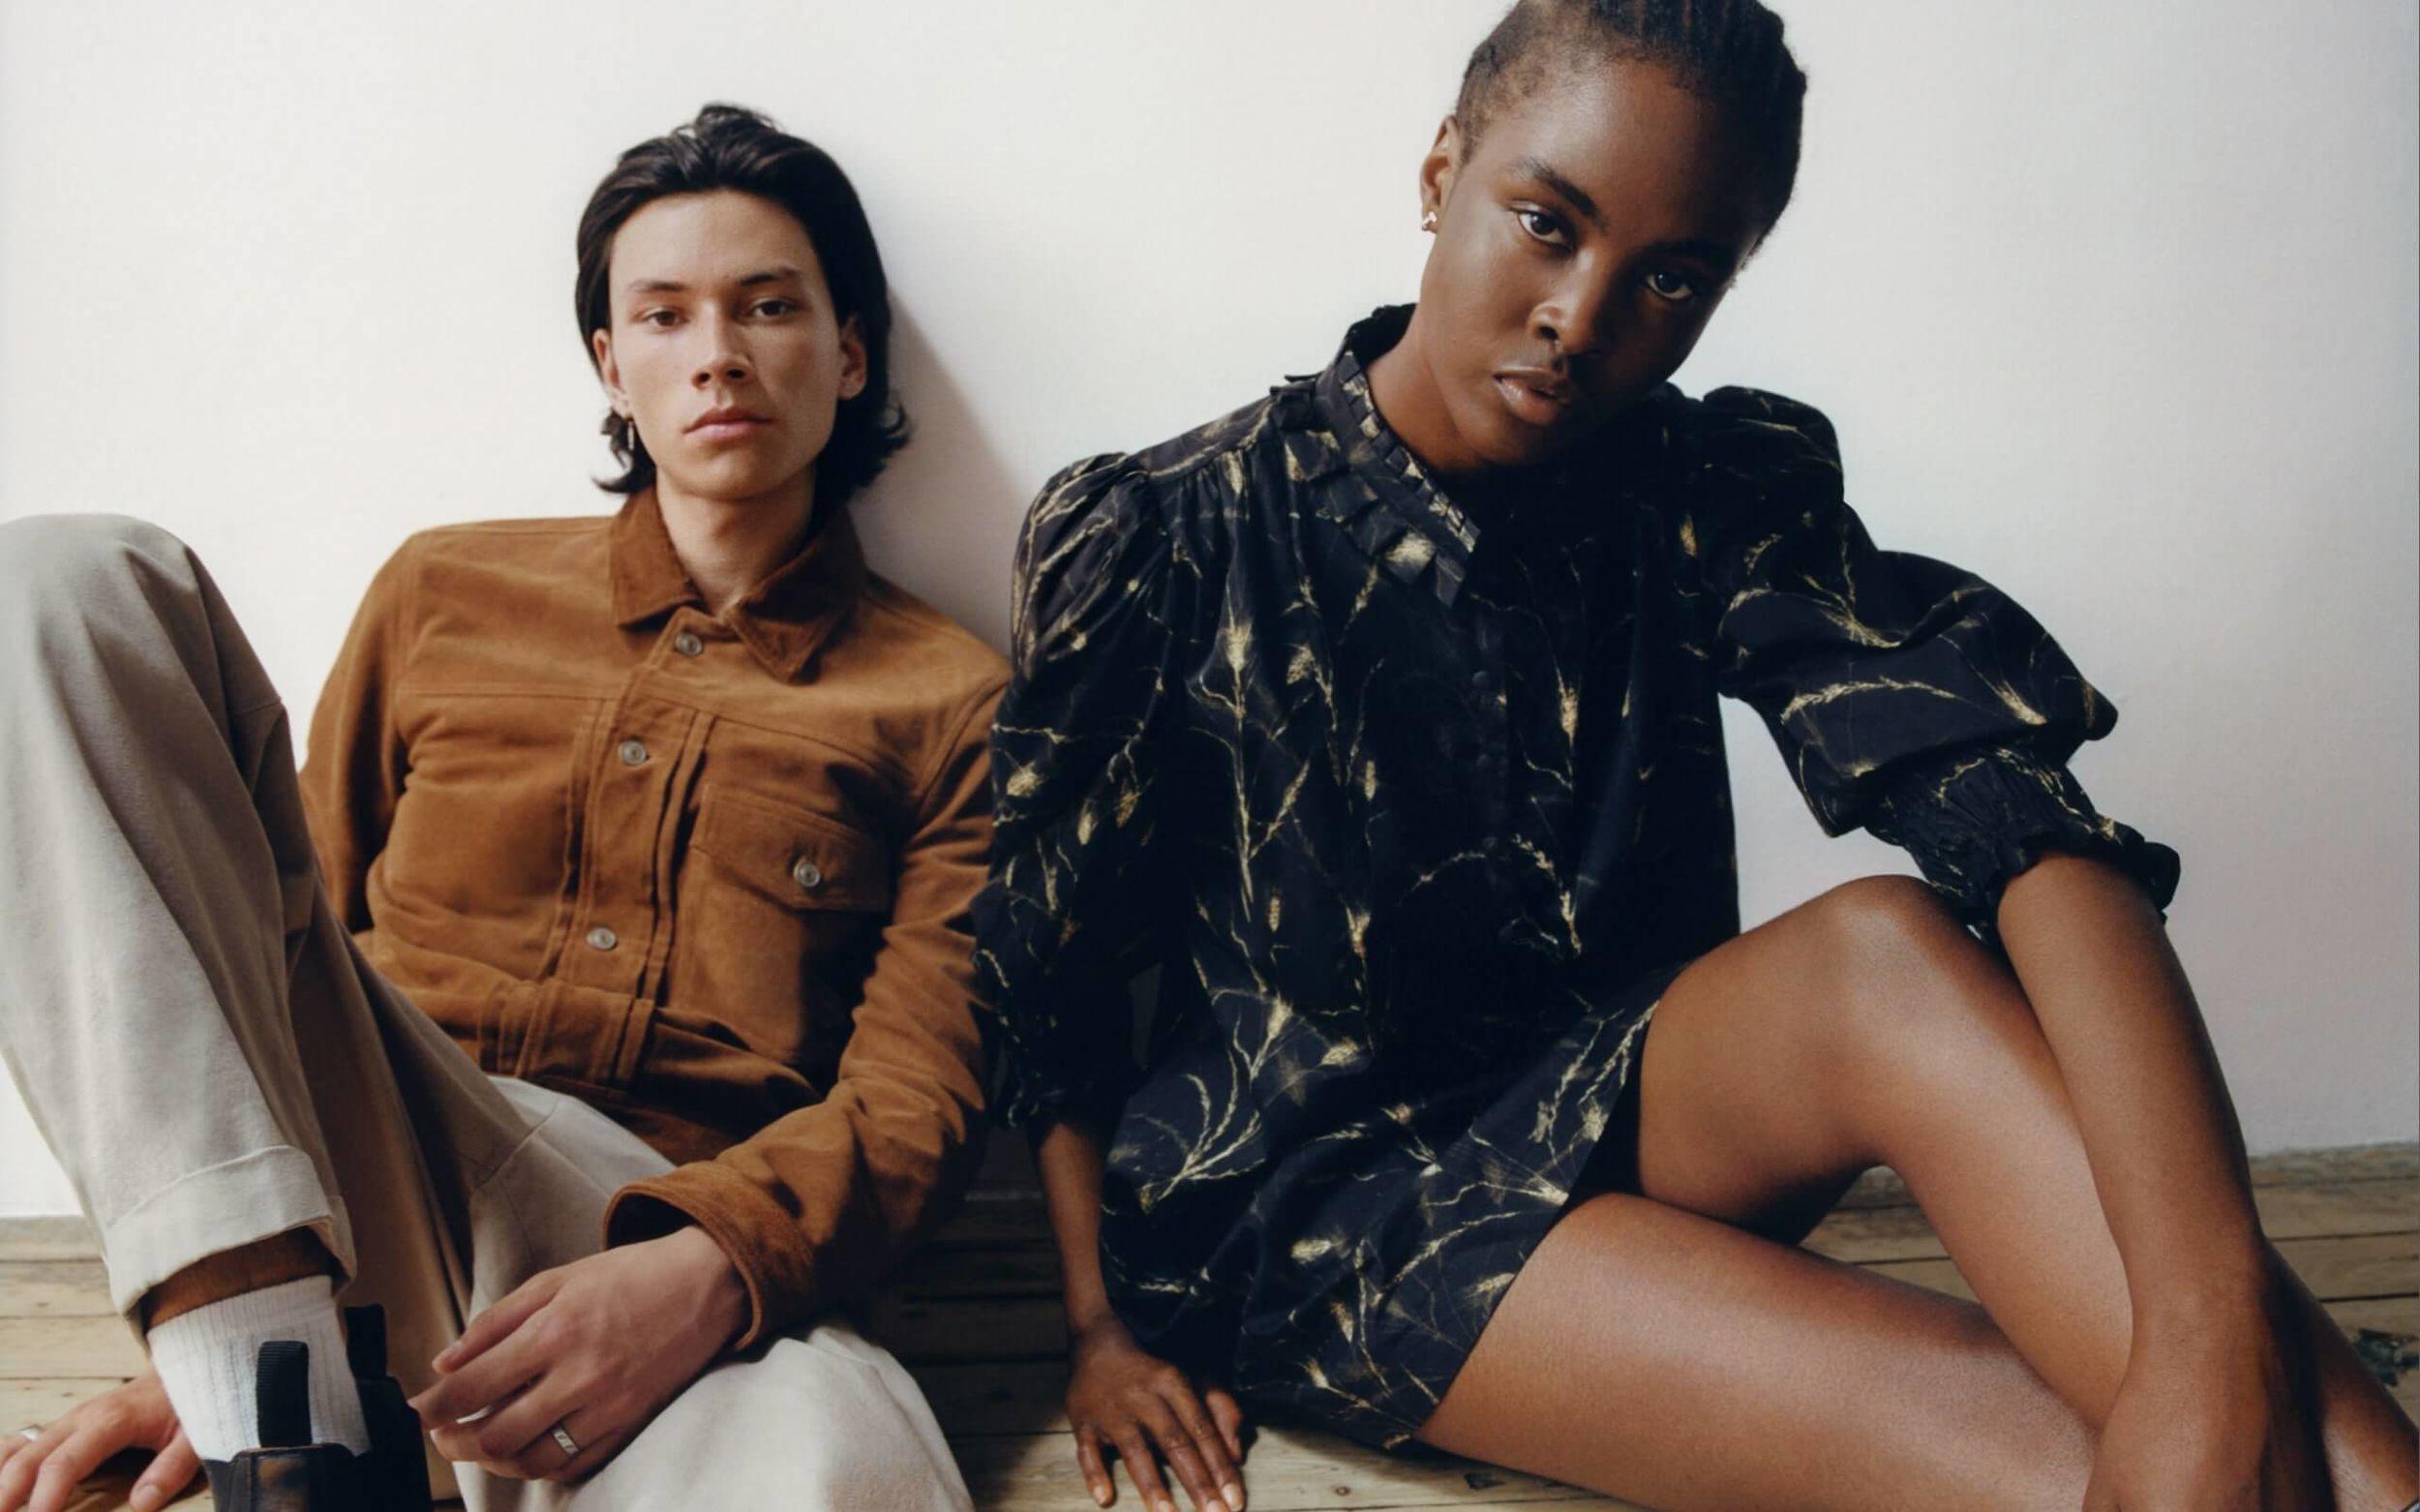 Eine Frau und ein Mann sitzen auf dem Boden an einer Wand und tragen Artikel aus unserer neuesten Kollektion.